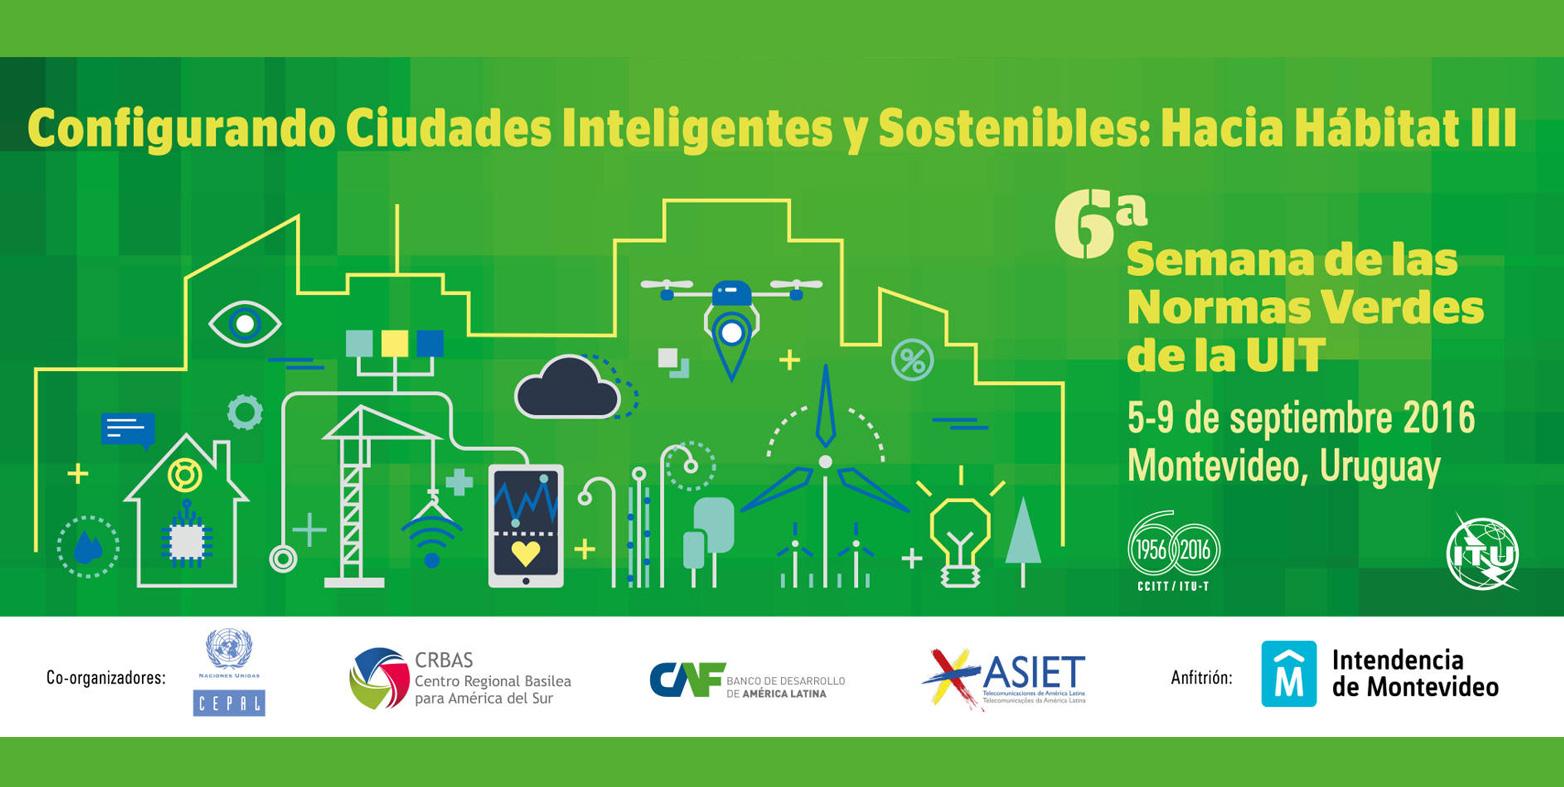 Configurando Ciudades Inteligentes y Sostenibles. Participamos en la XVII encuentro Iberoamericano de Ciudades digitales